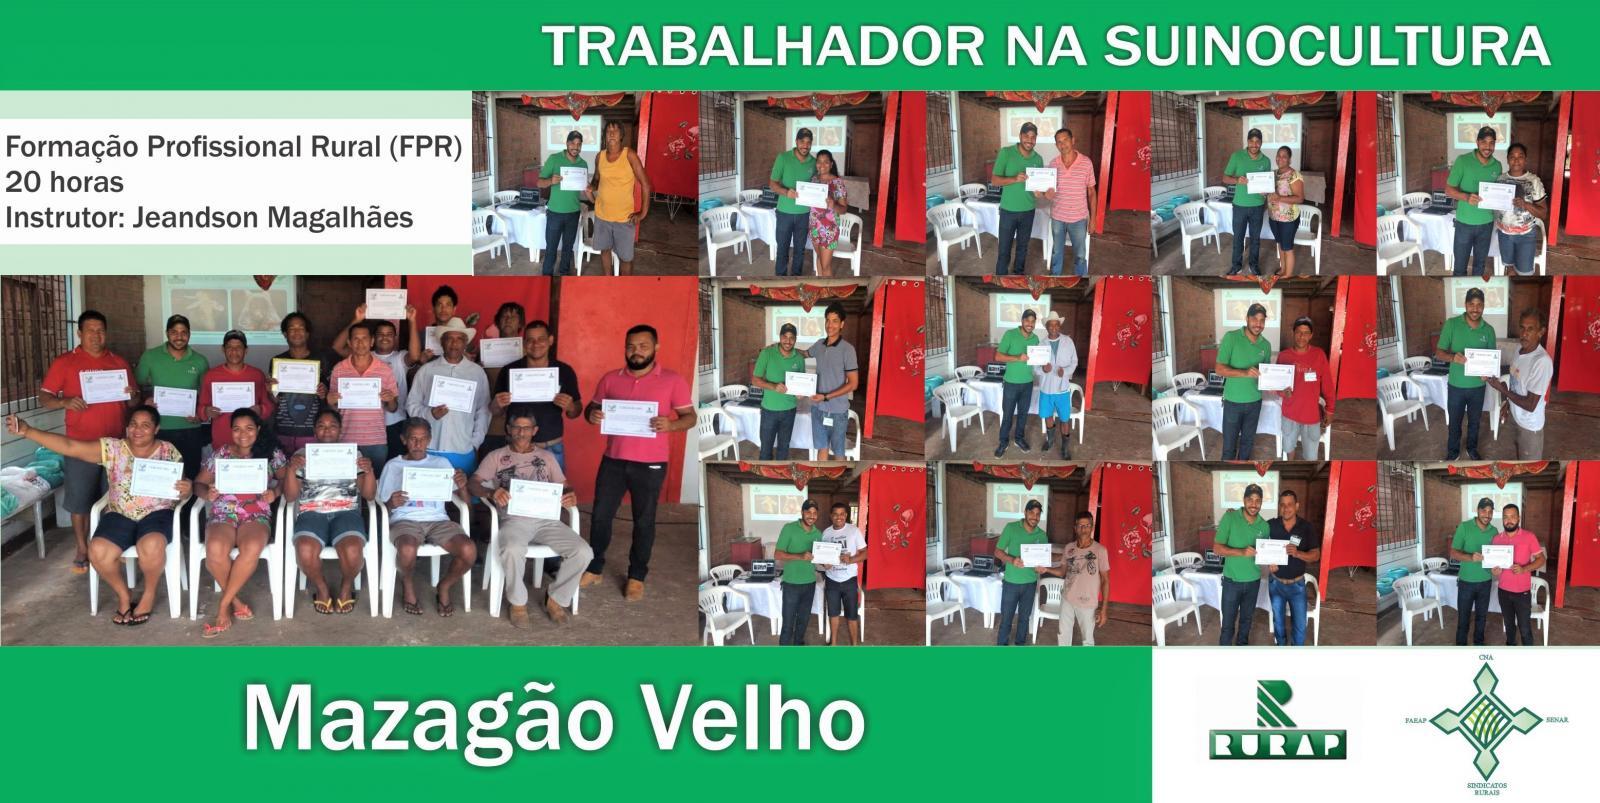 SENAR-AP certifica moradores de Mazagão Velho na área da suinocultura